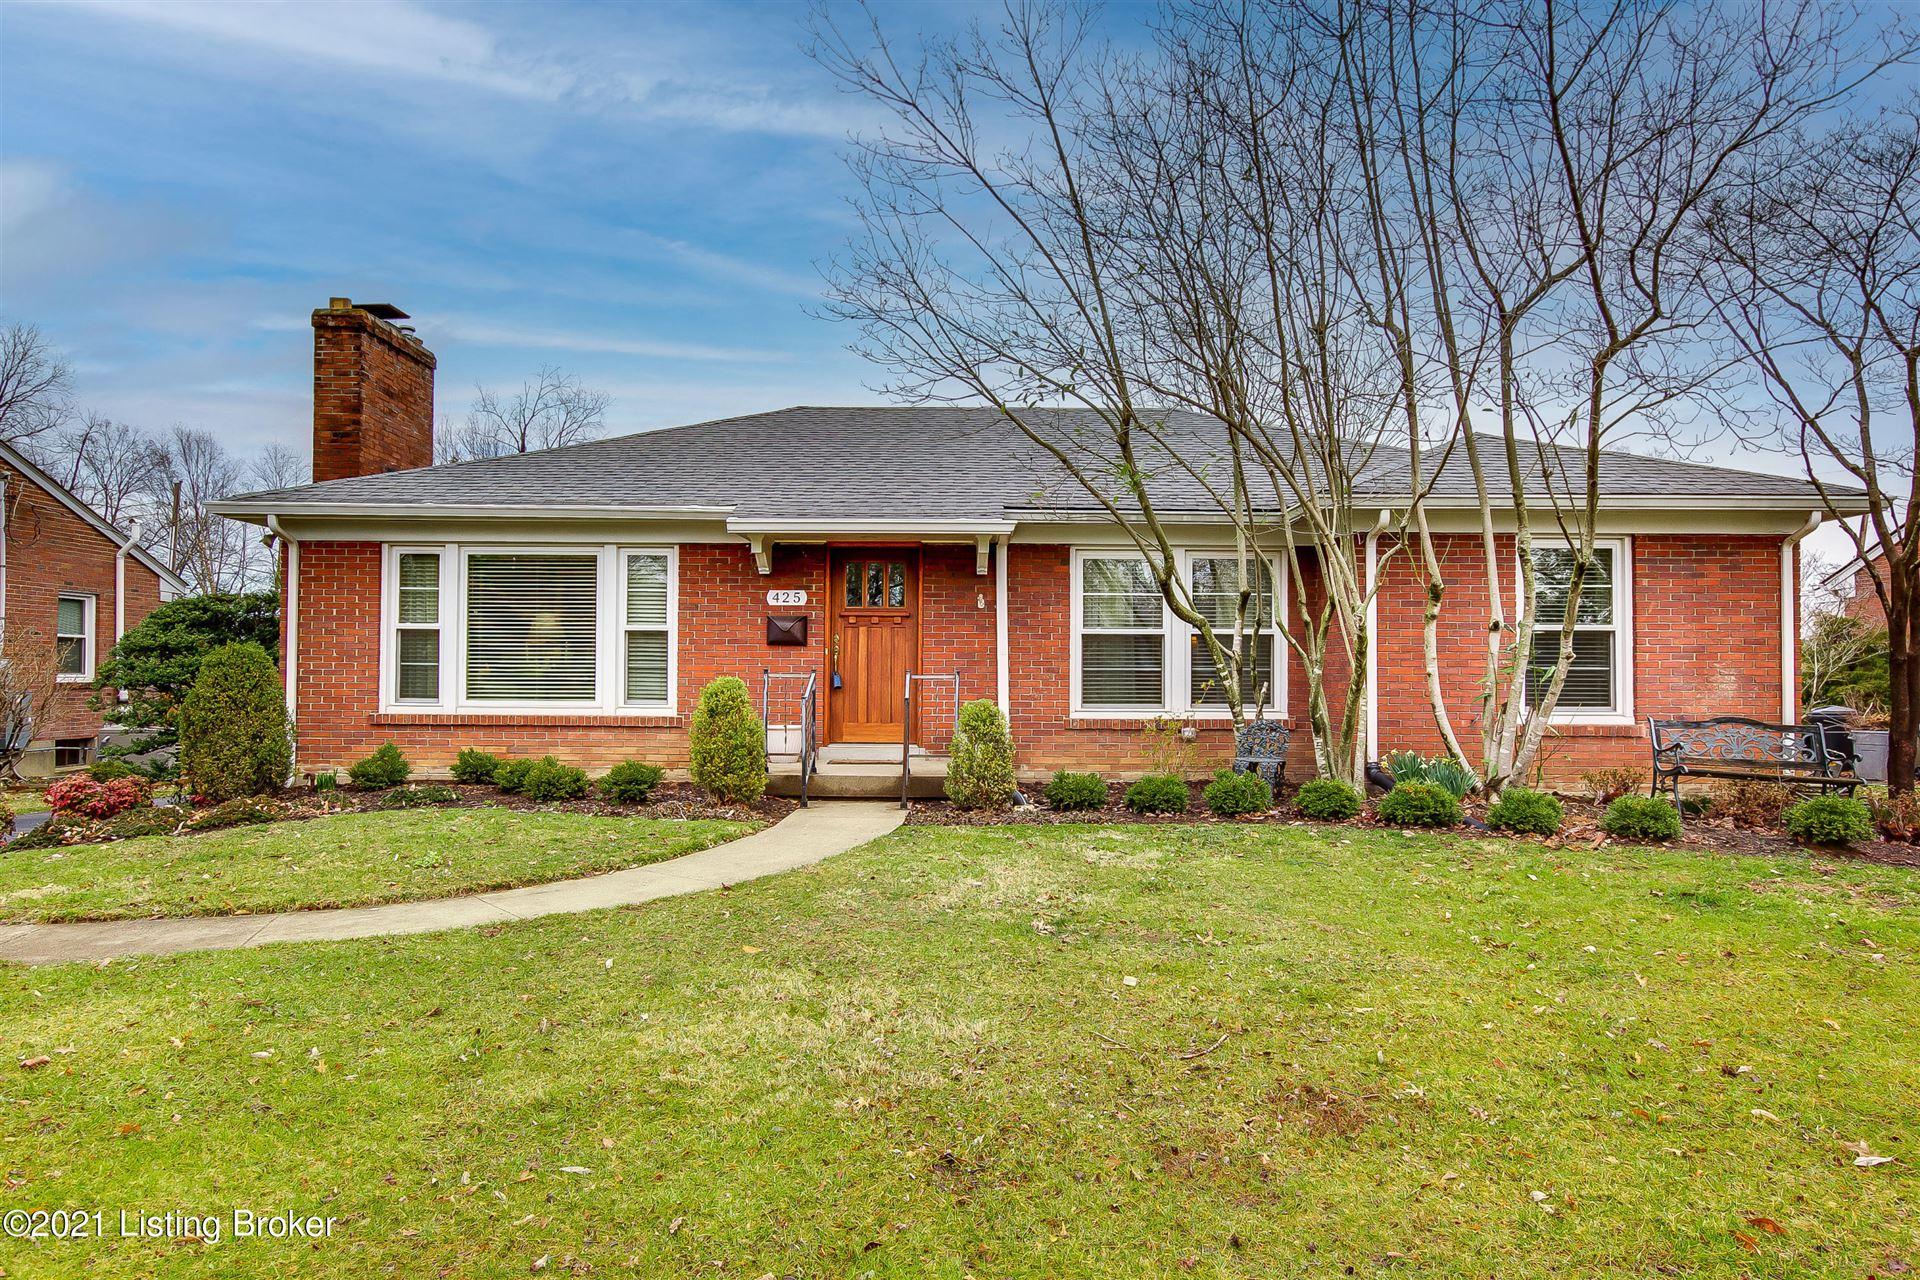 Photo for 425 Deerfield Ln, Louisville, KY 40207 (MLS # 1584712)